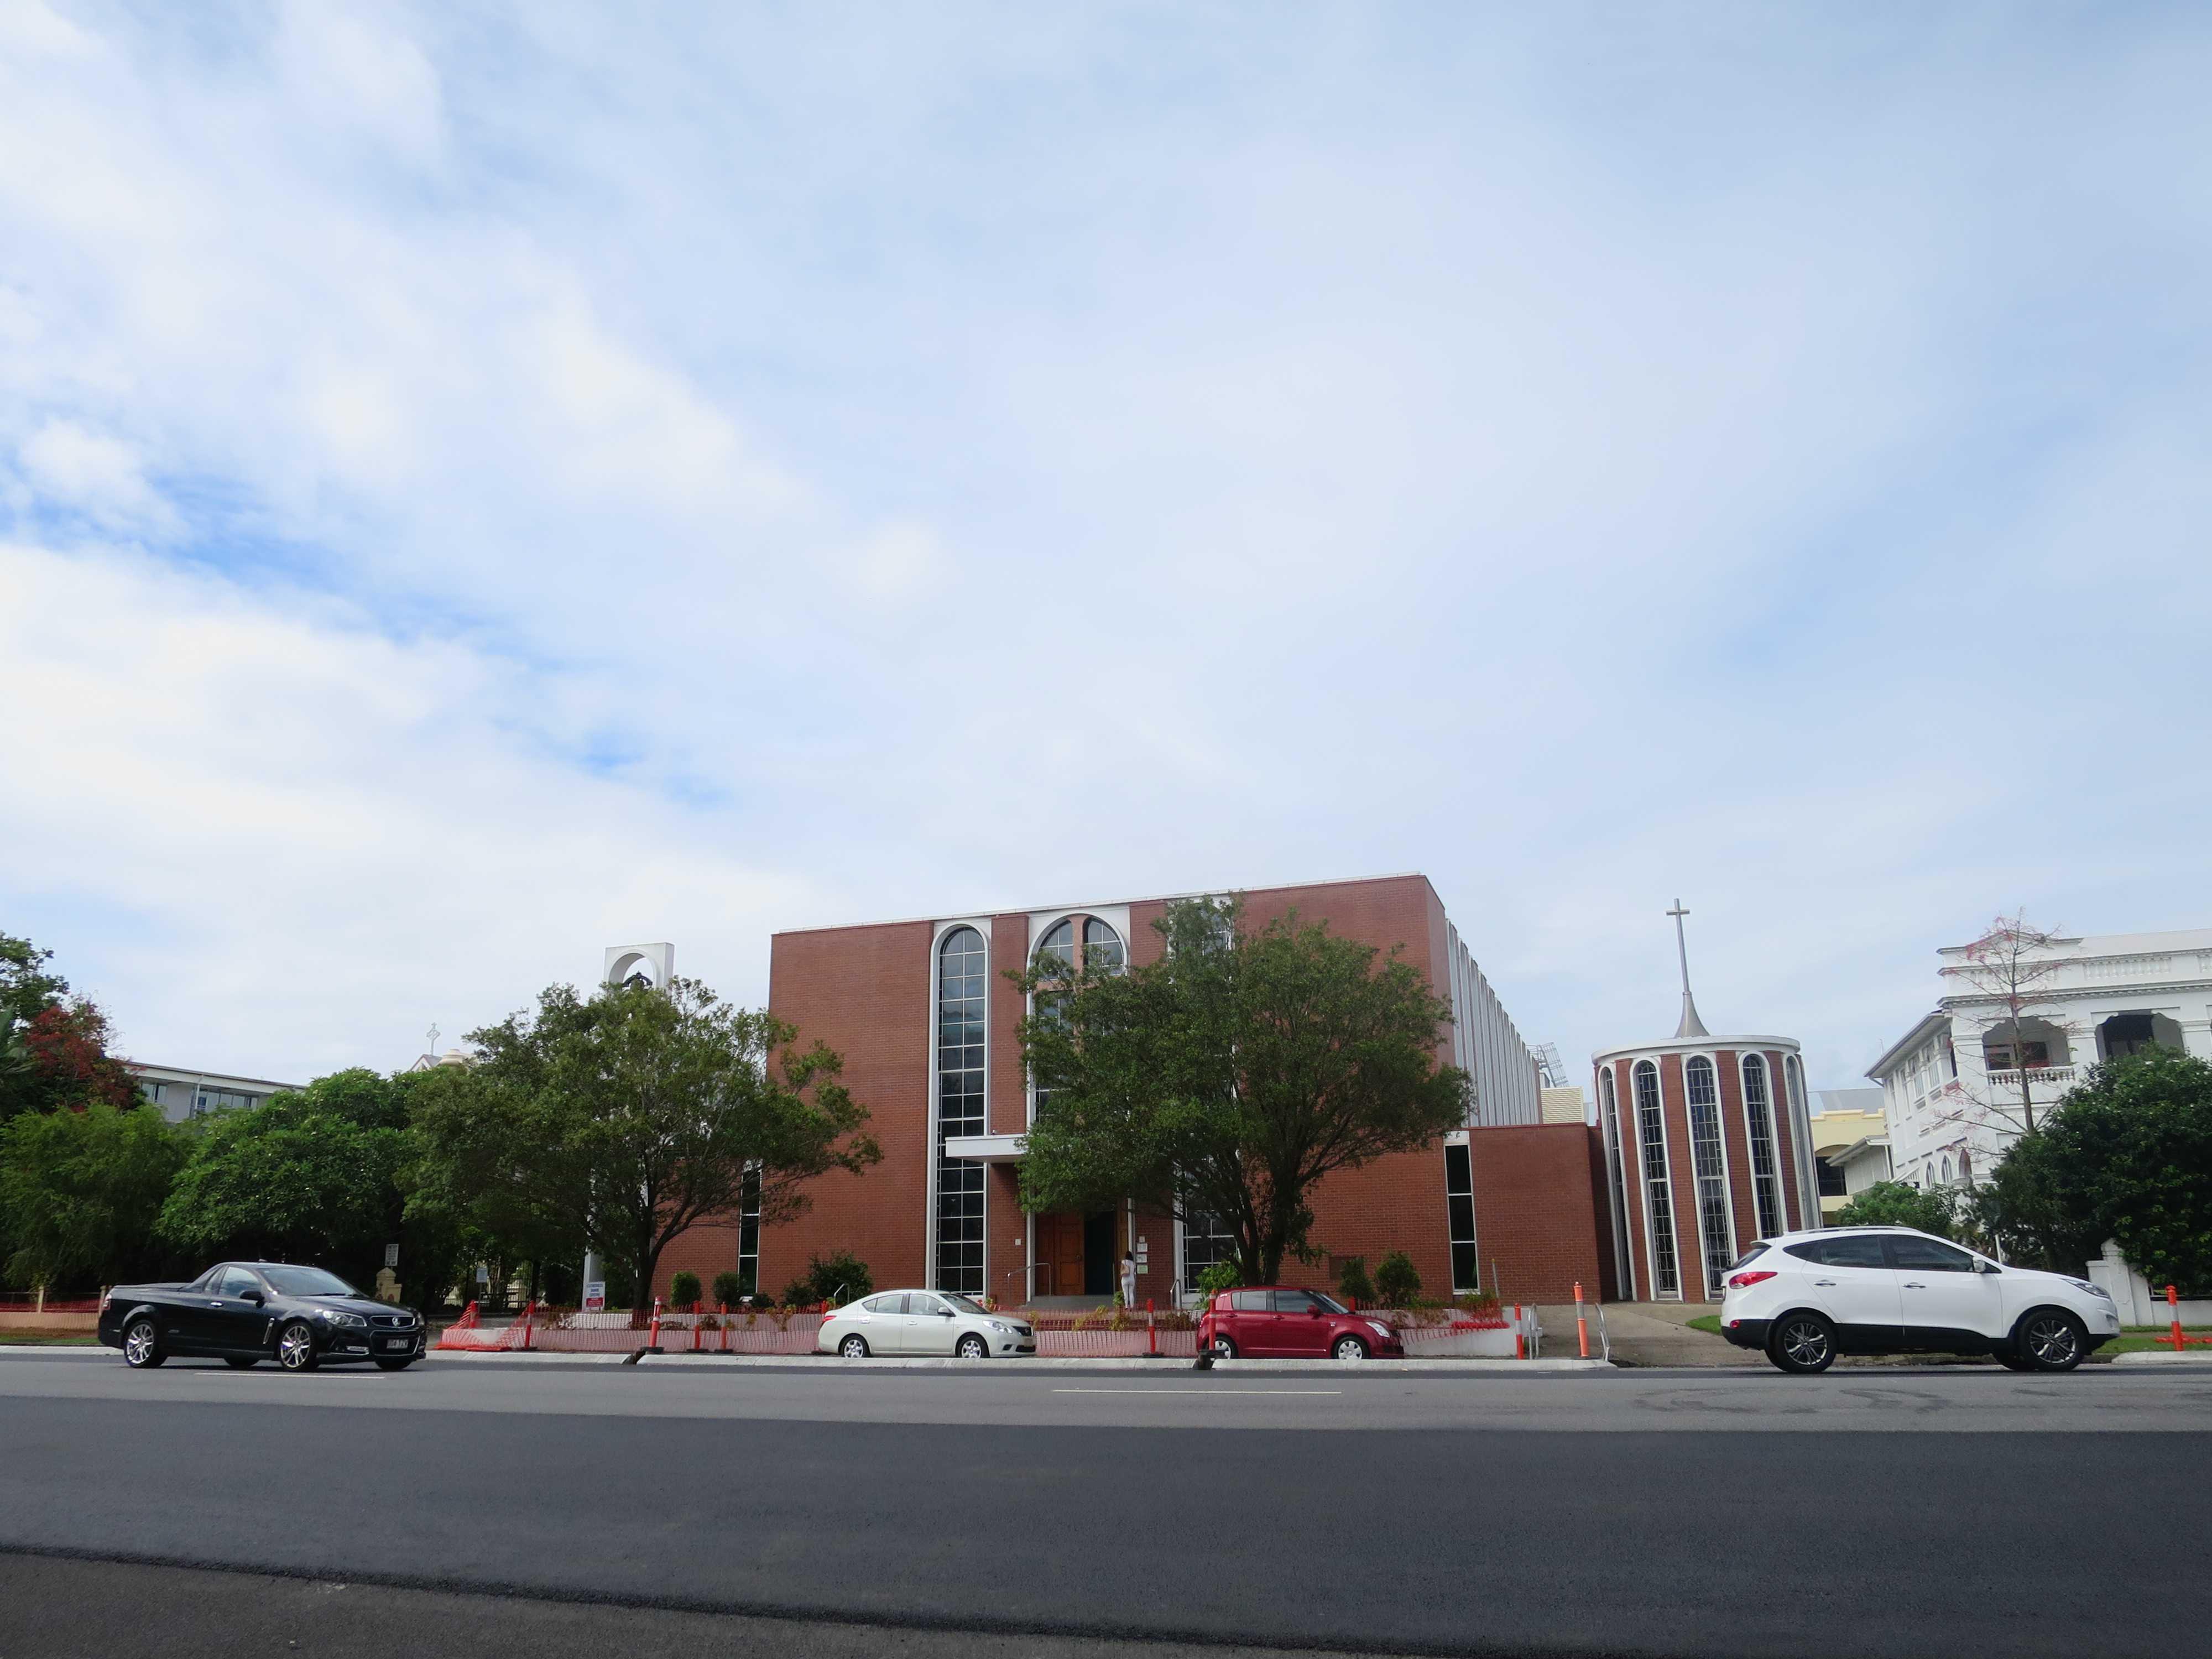 リッジストレードウィンズケアンズ前の教会